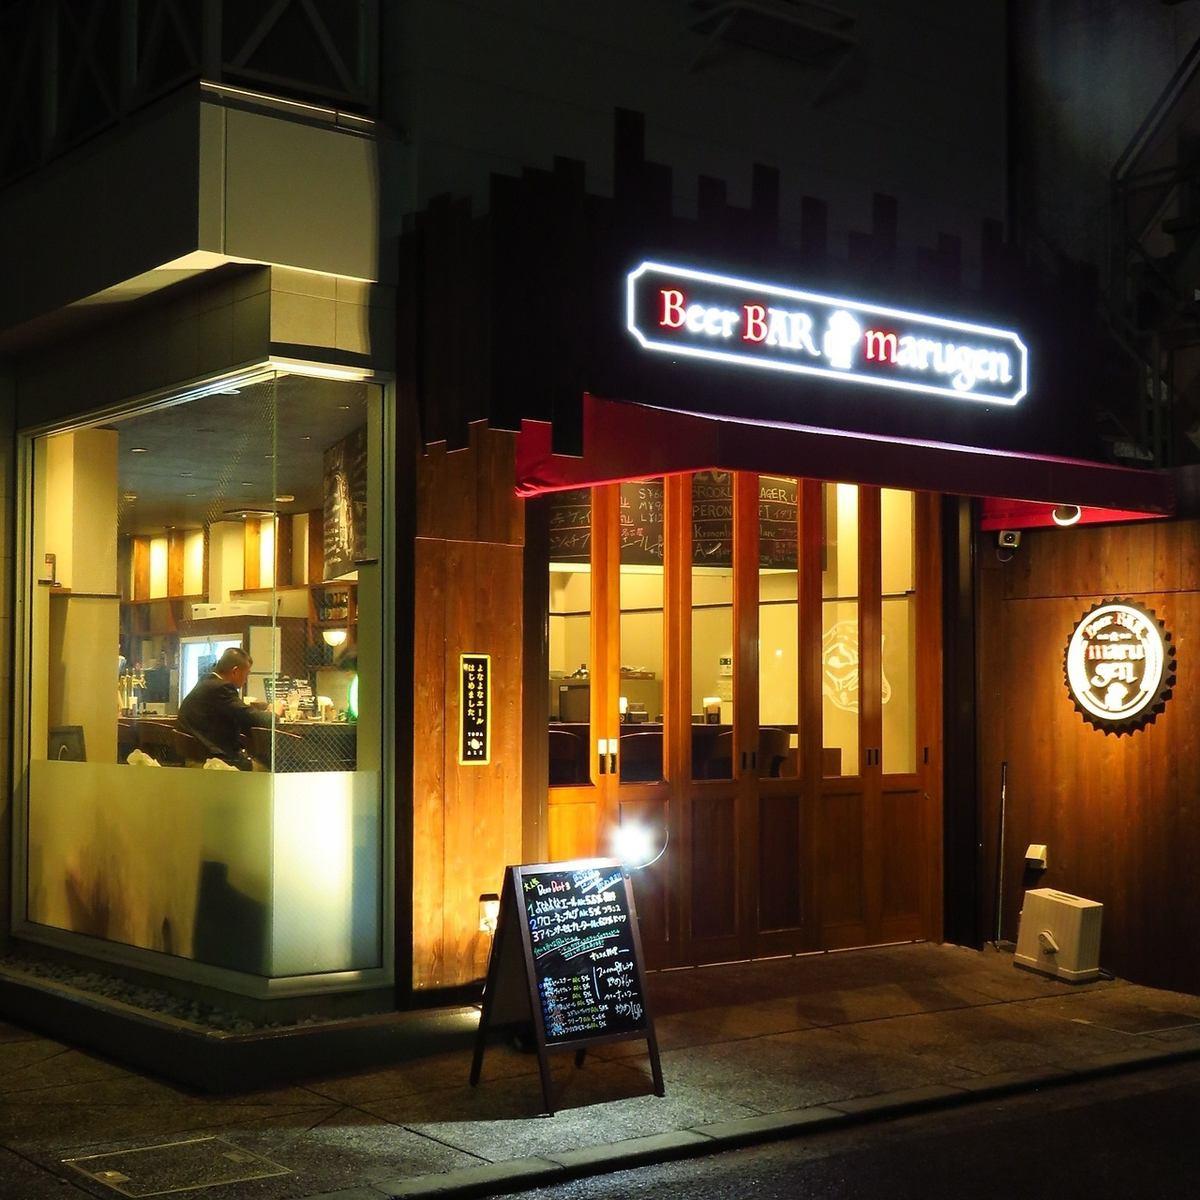 Kurashiki的第一个世界啤酒可以喝★世界精酿啤酒可以生吃。